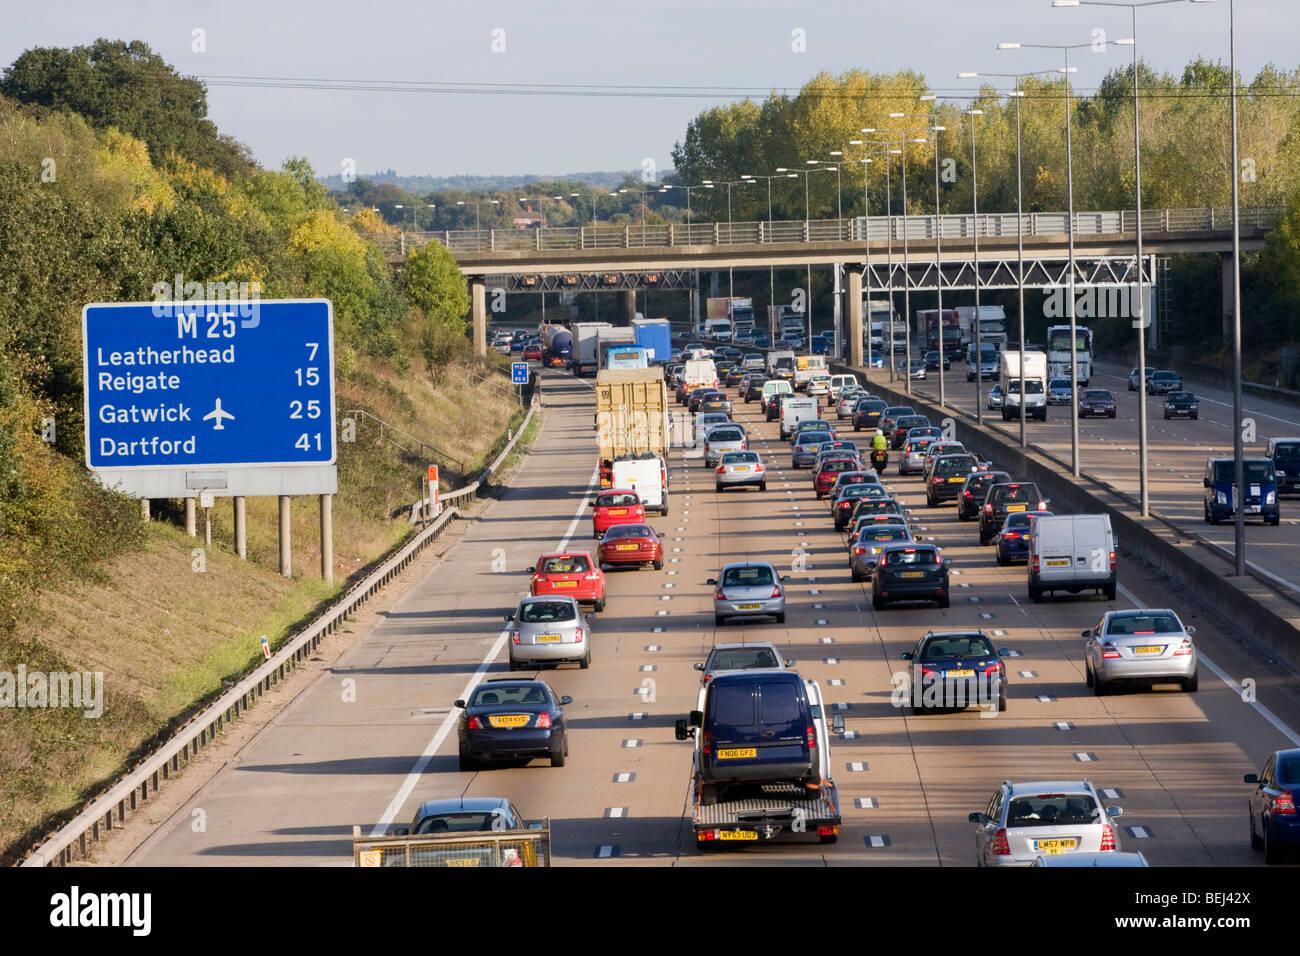 M25 motorway between 9 and 10 Surrey England - Stock Image